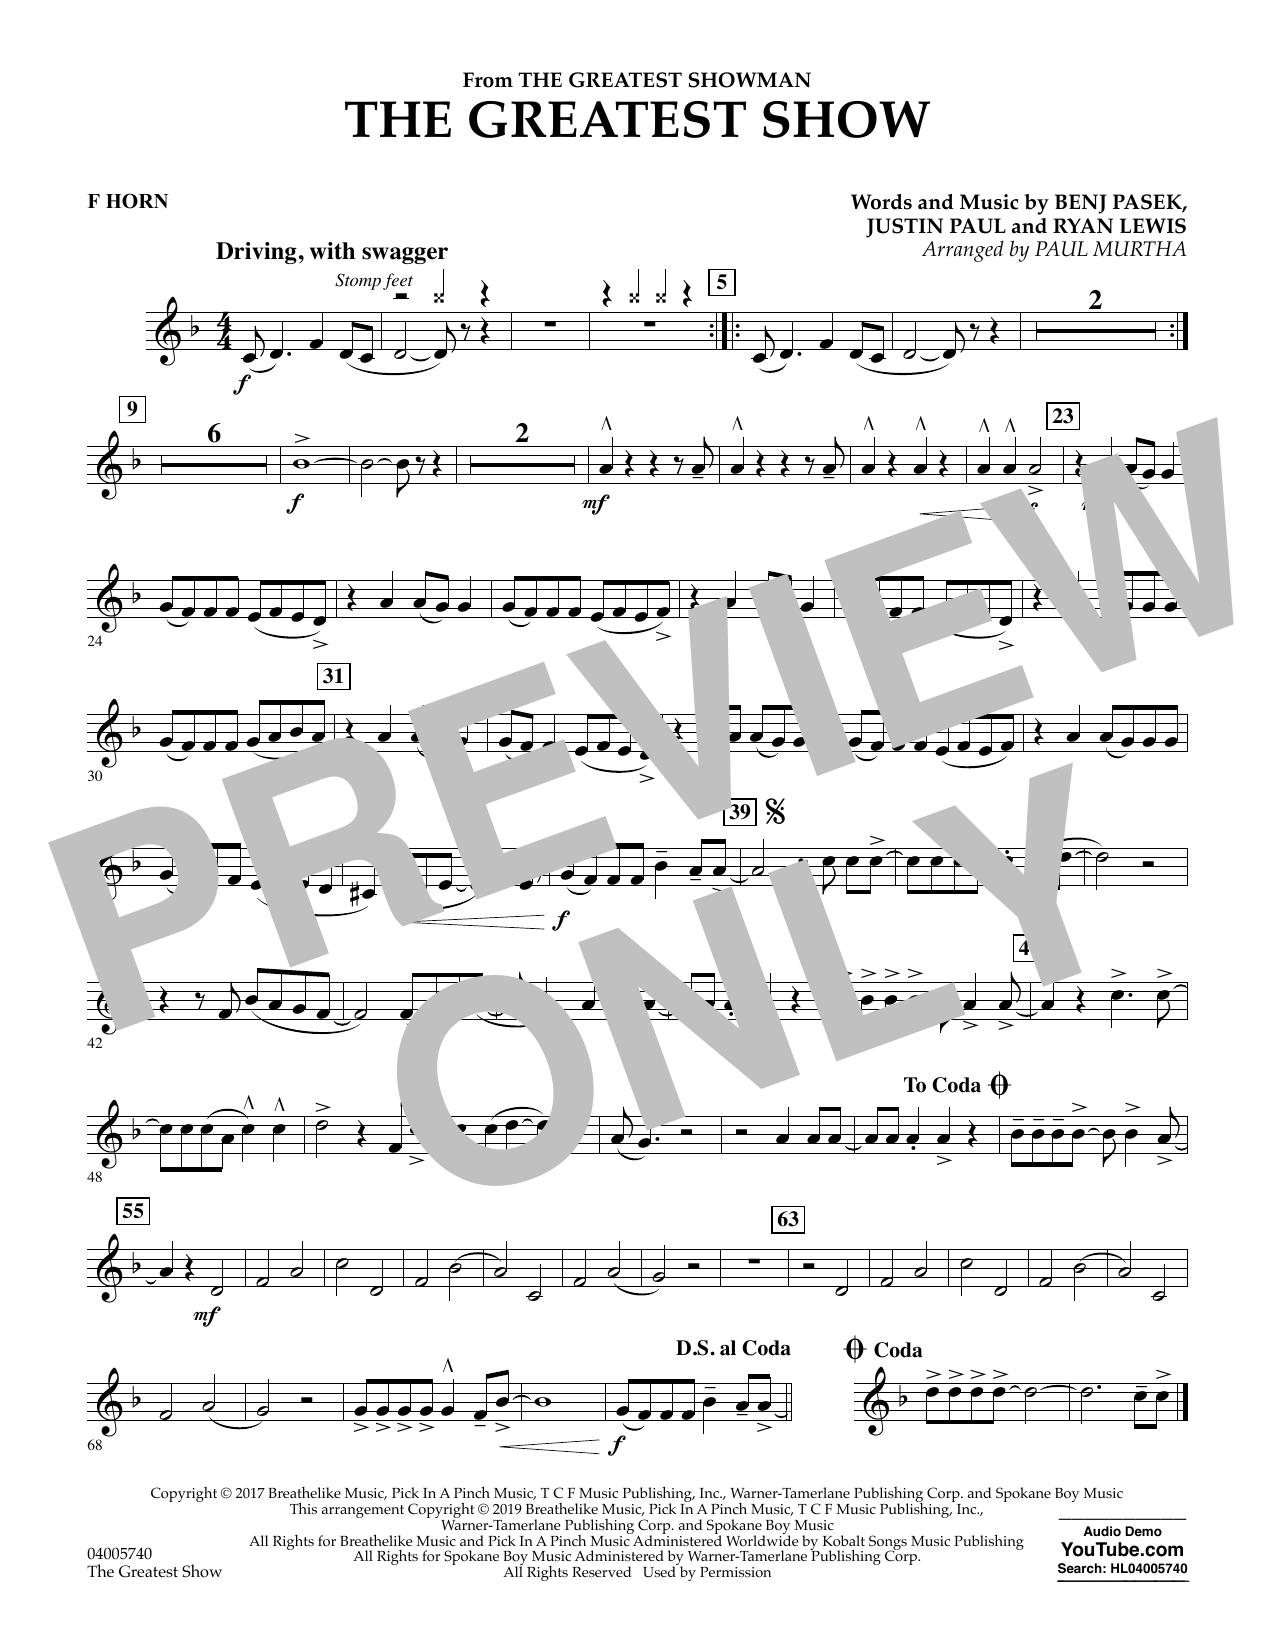 The Greatest Show  (arr. Paul Murtha) - F Horn (Concert Band)